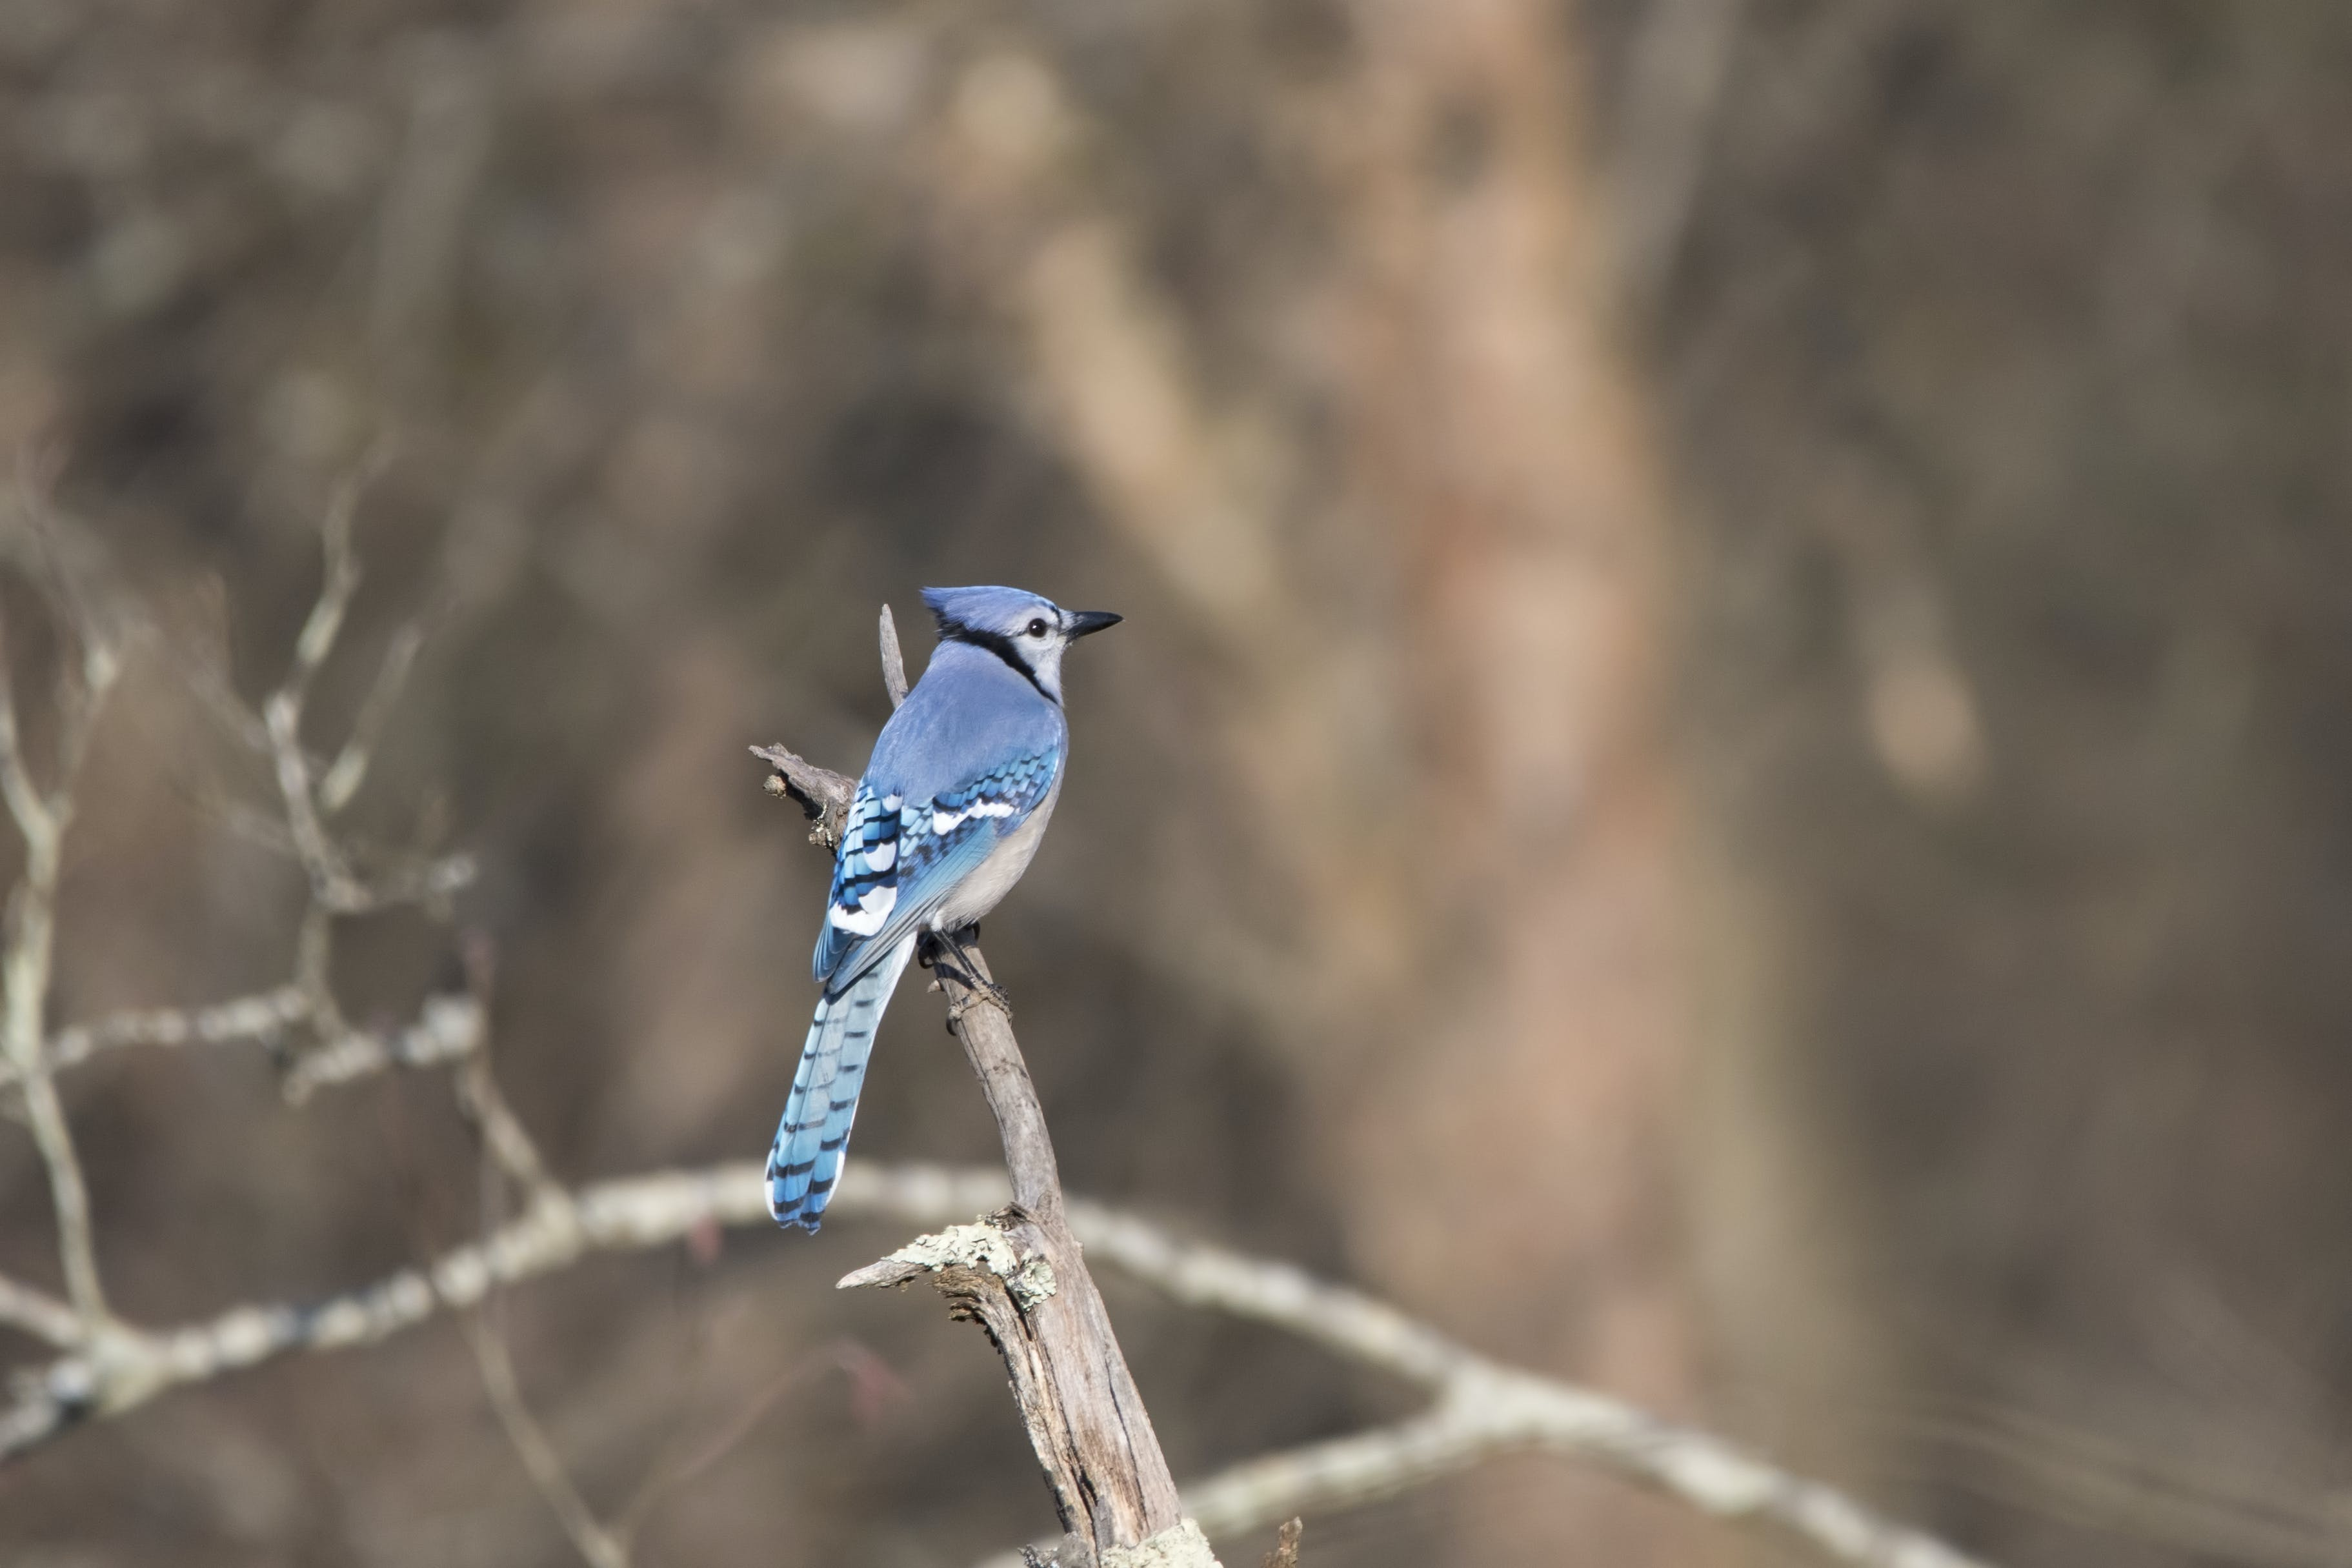 Tilt-shift Lens Photography of Blue Bird on Branch